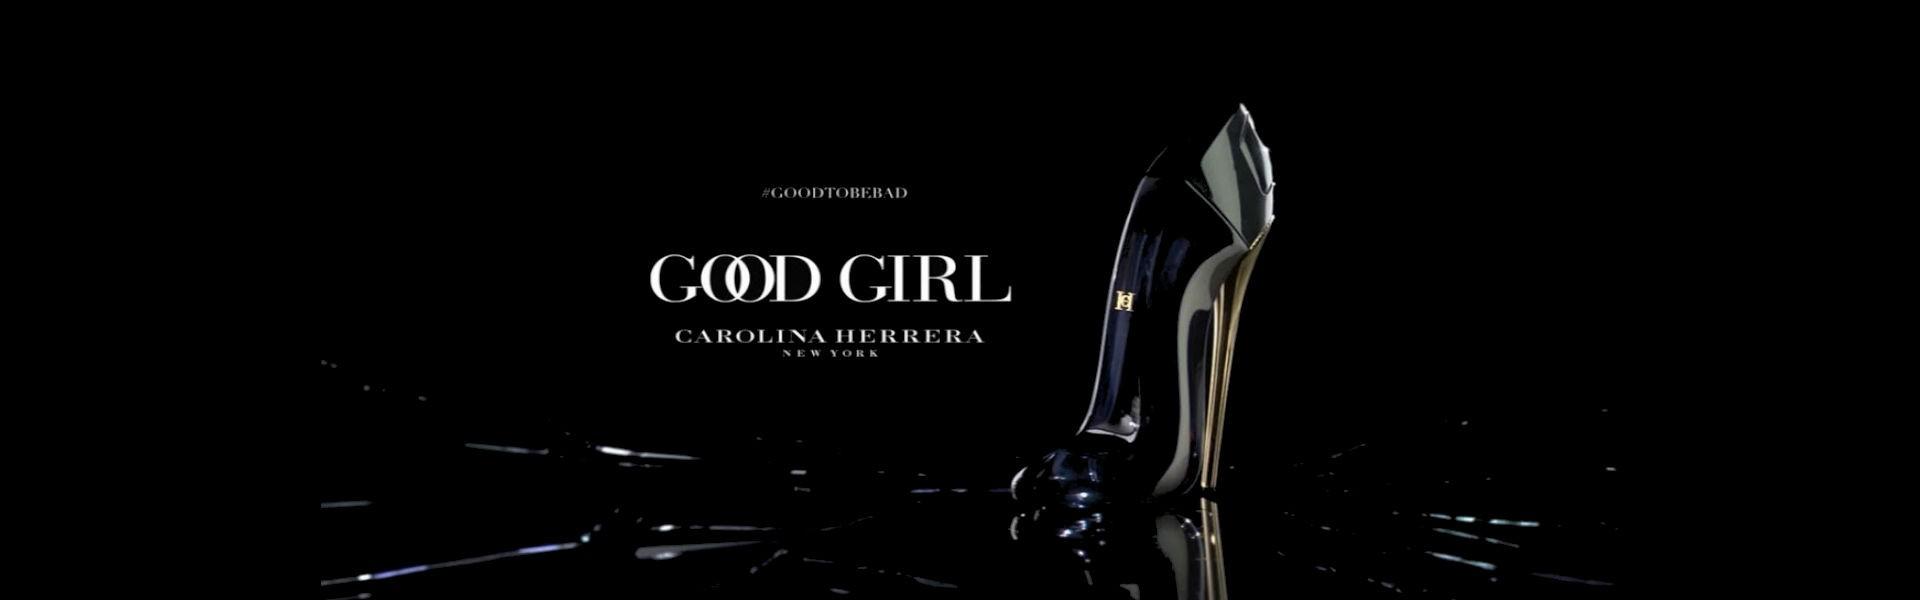 Carolina Herrera Goog Girl Eau de Parfum